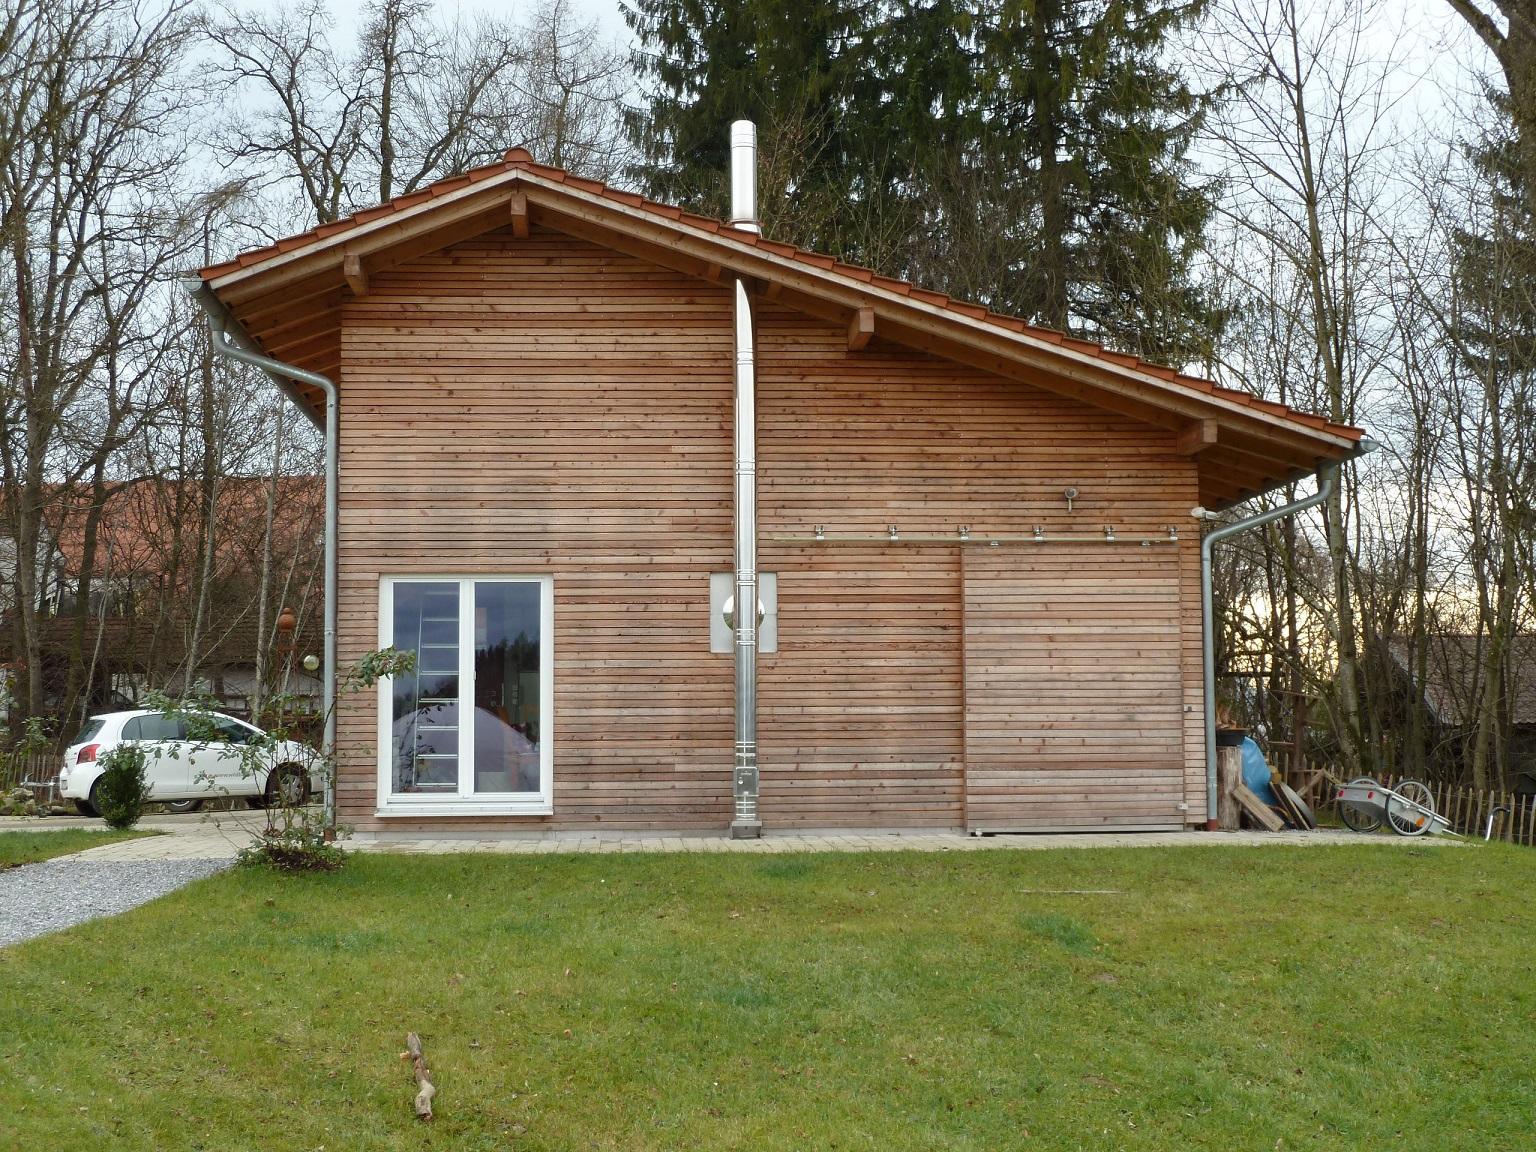 Edelstahlschornstein Bausatz Ø 180 mm - doppelwandig - Tecnovis DW-Silver